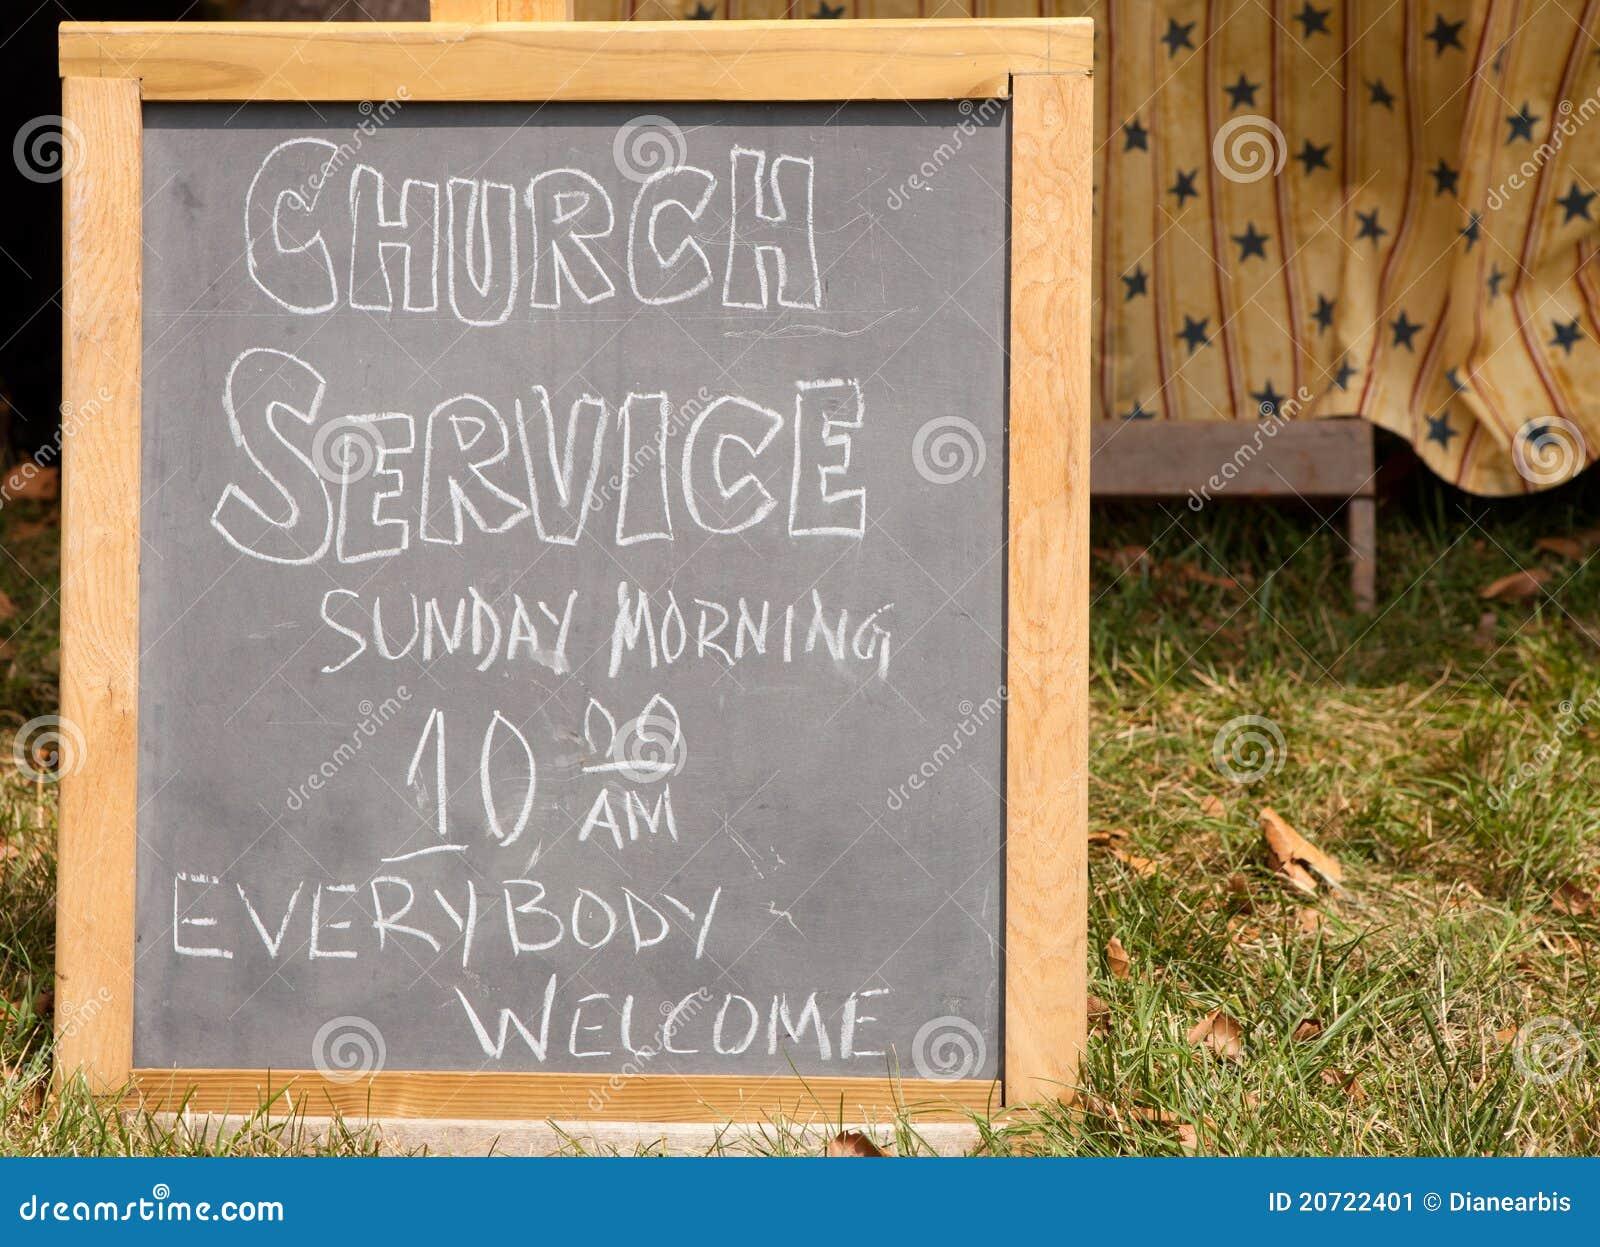 Church Service Sign